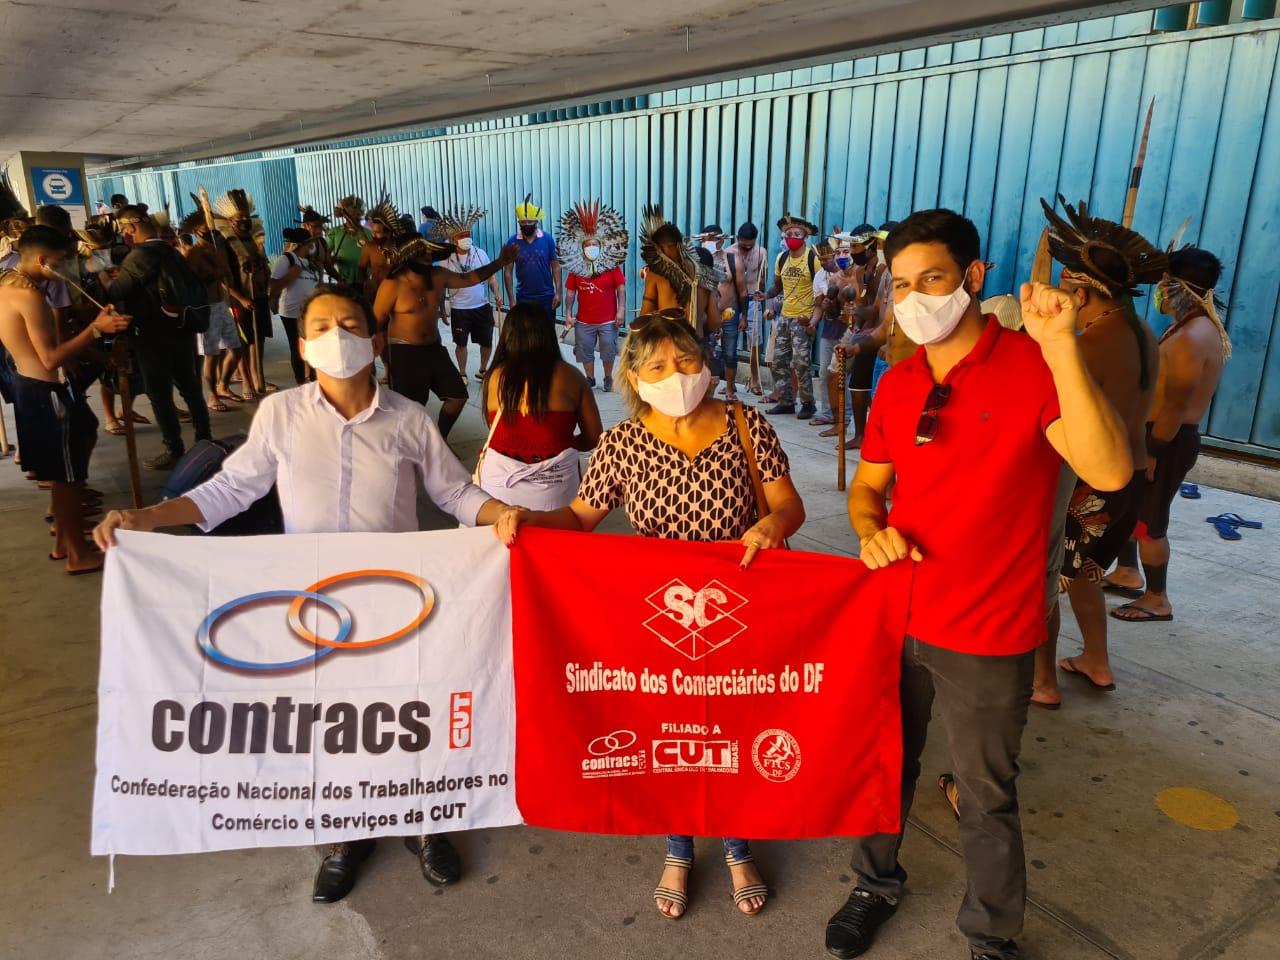 Trabalhadores no comércio dizem #NãoAPEC32 sobre a reforma administrativa